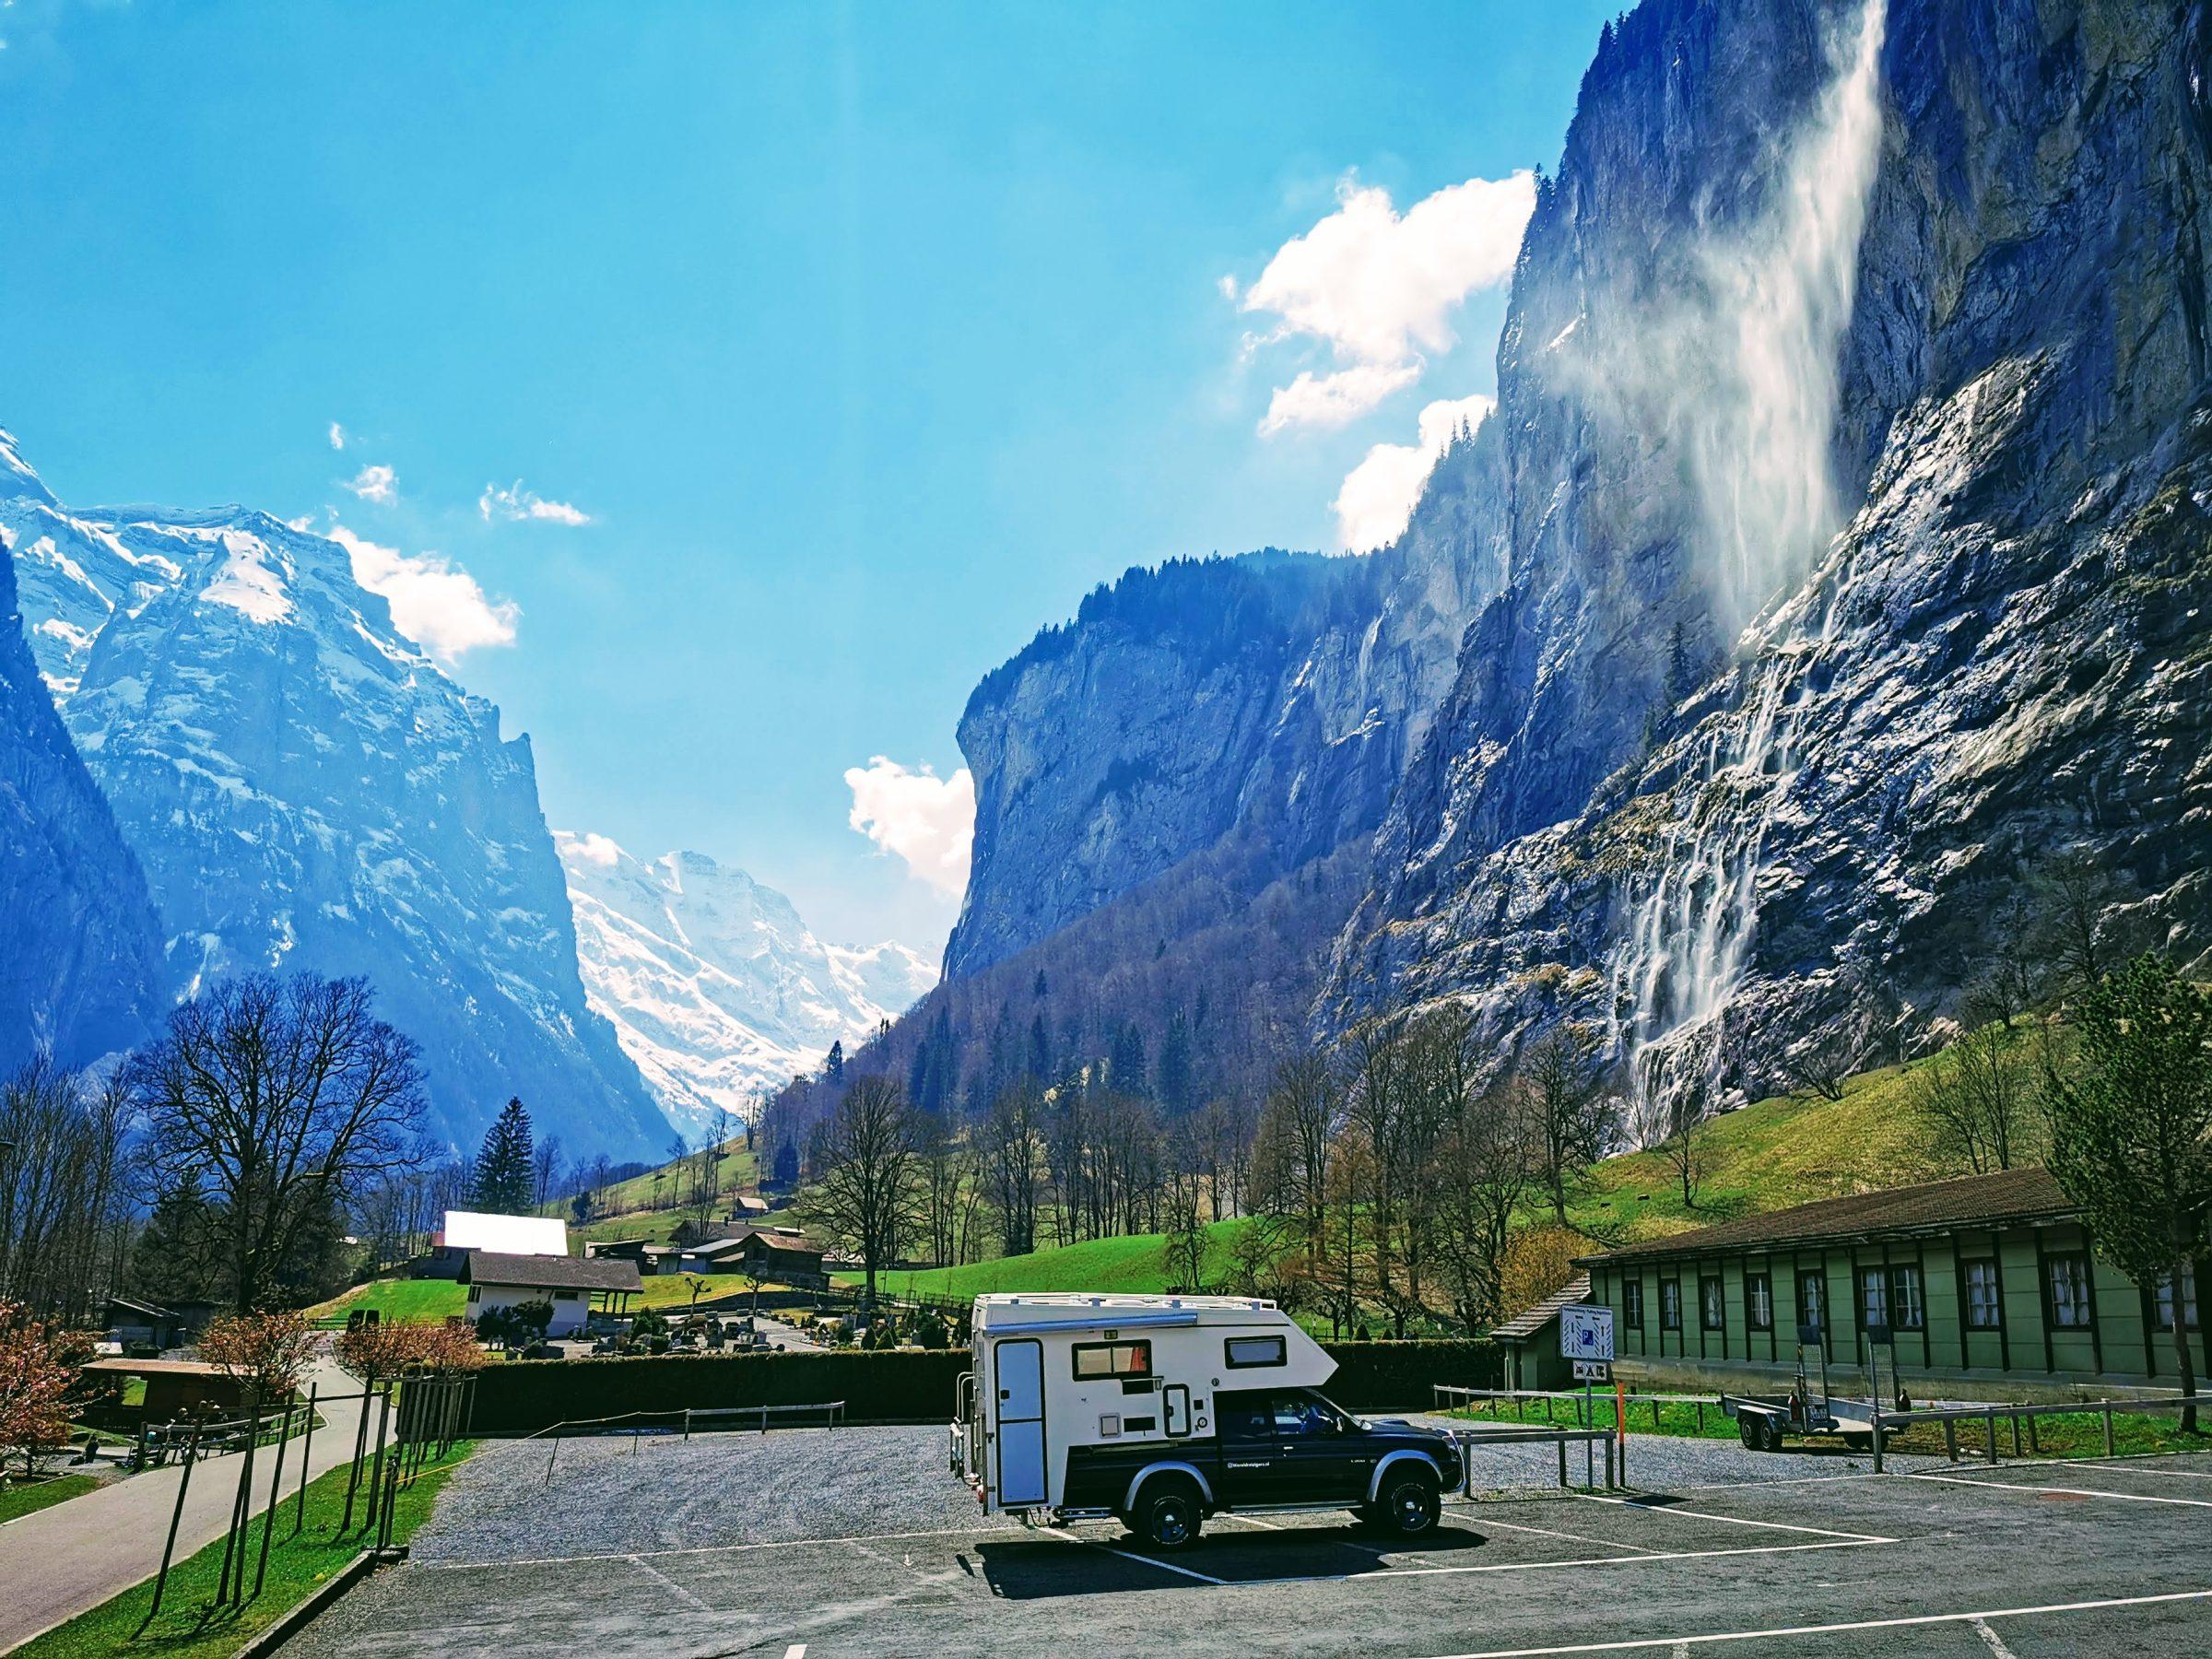 De wereldreizigers.nl 4x4 camper op de parkeerplaats met daarachter de Staubbach waterval